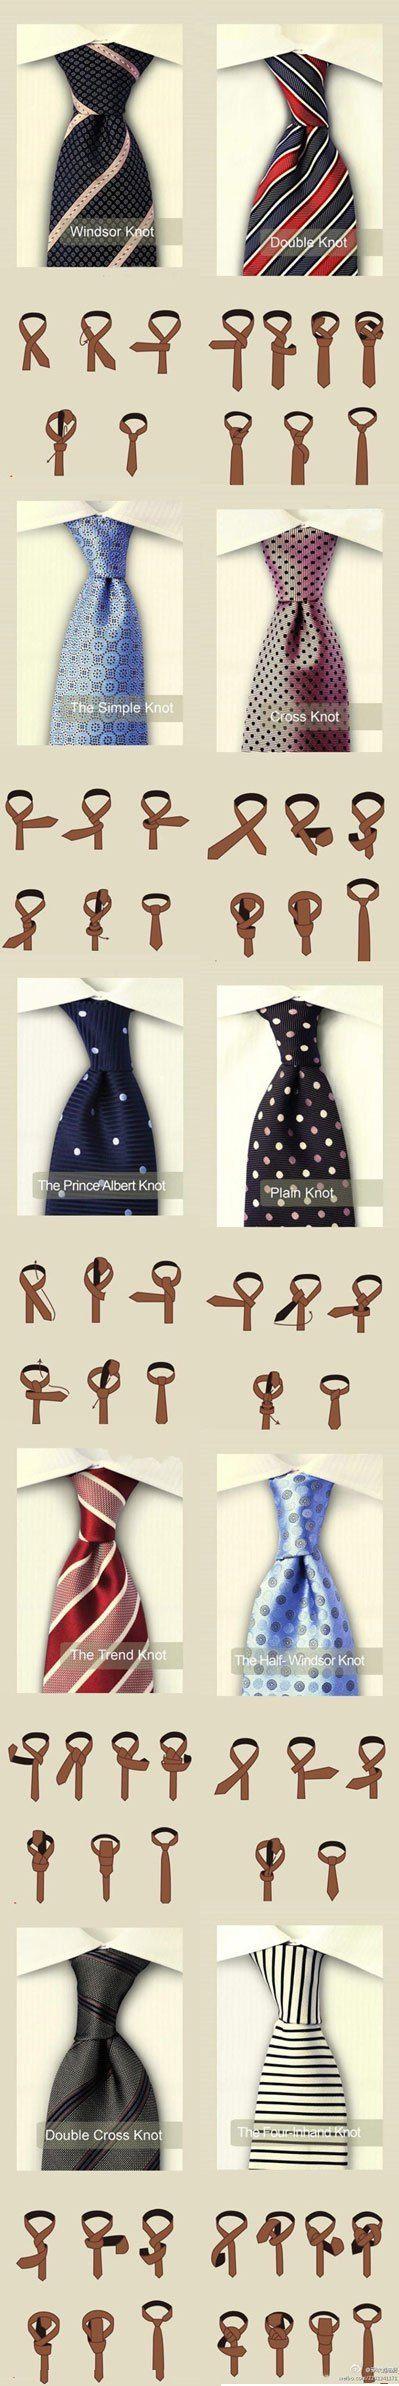 Different ways to tie a necktie (men fashion) | SMASHINBEAUTY